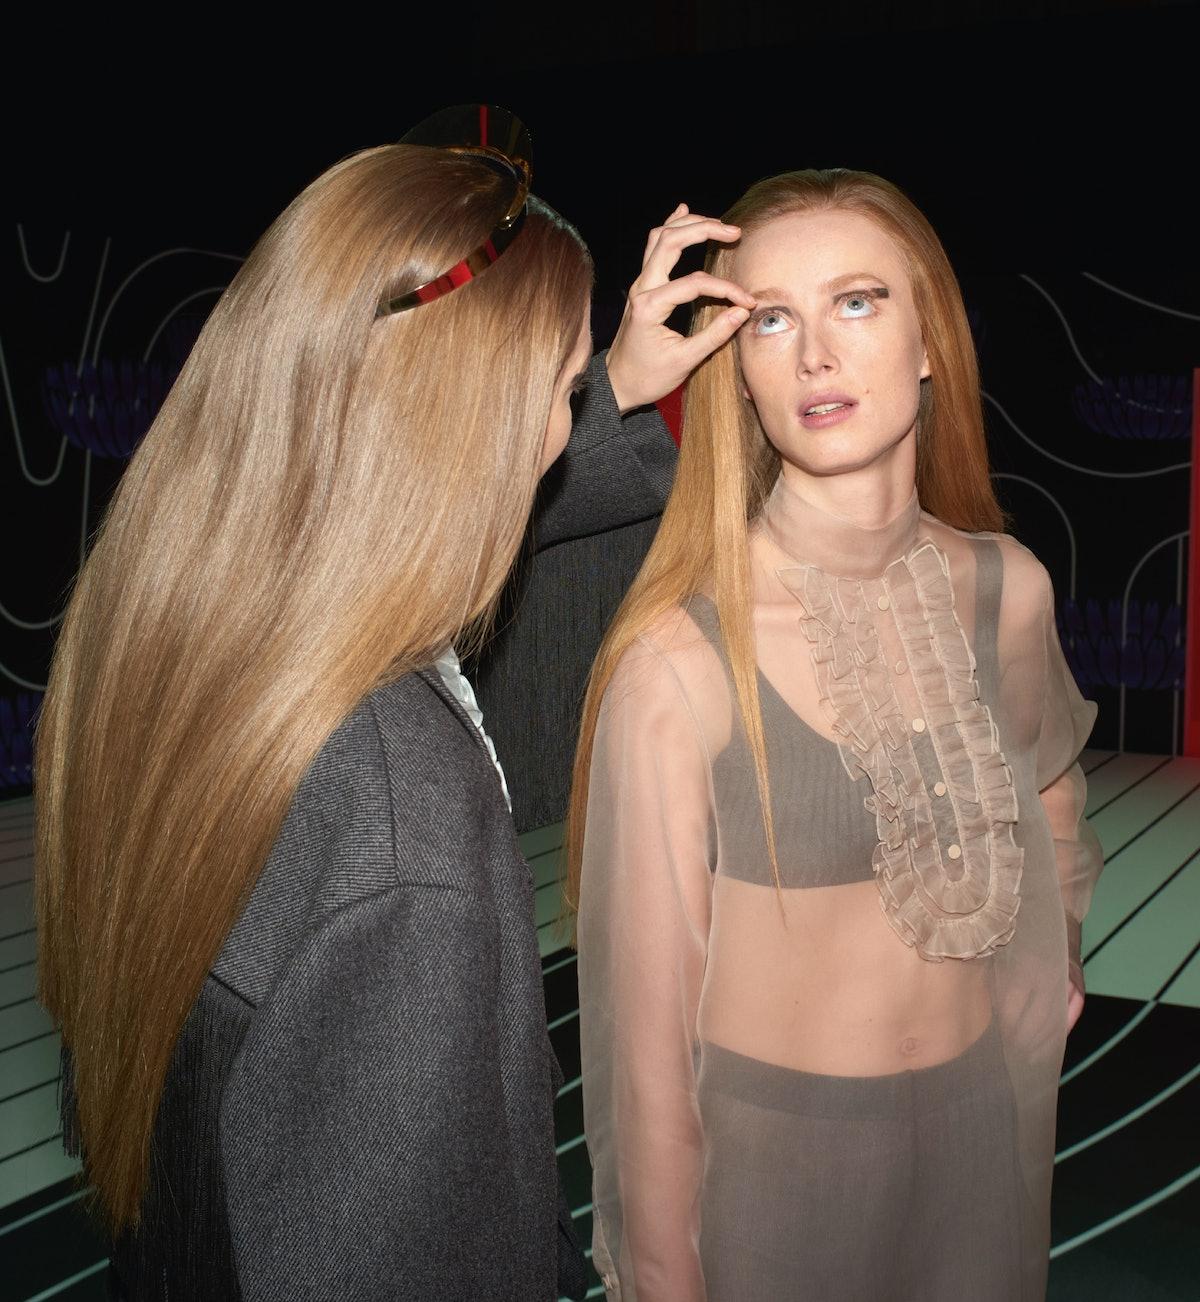 Gigi Hadid and Rianne van Rompaey